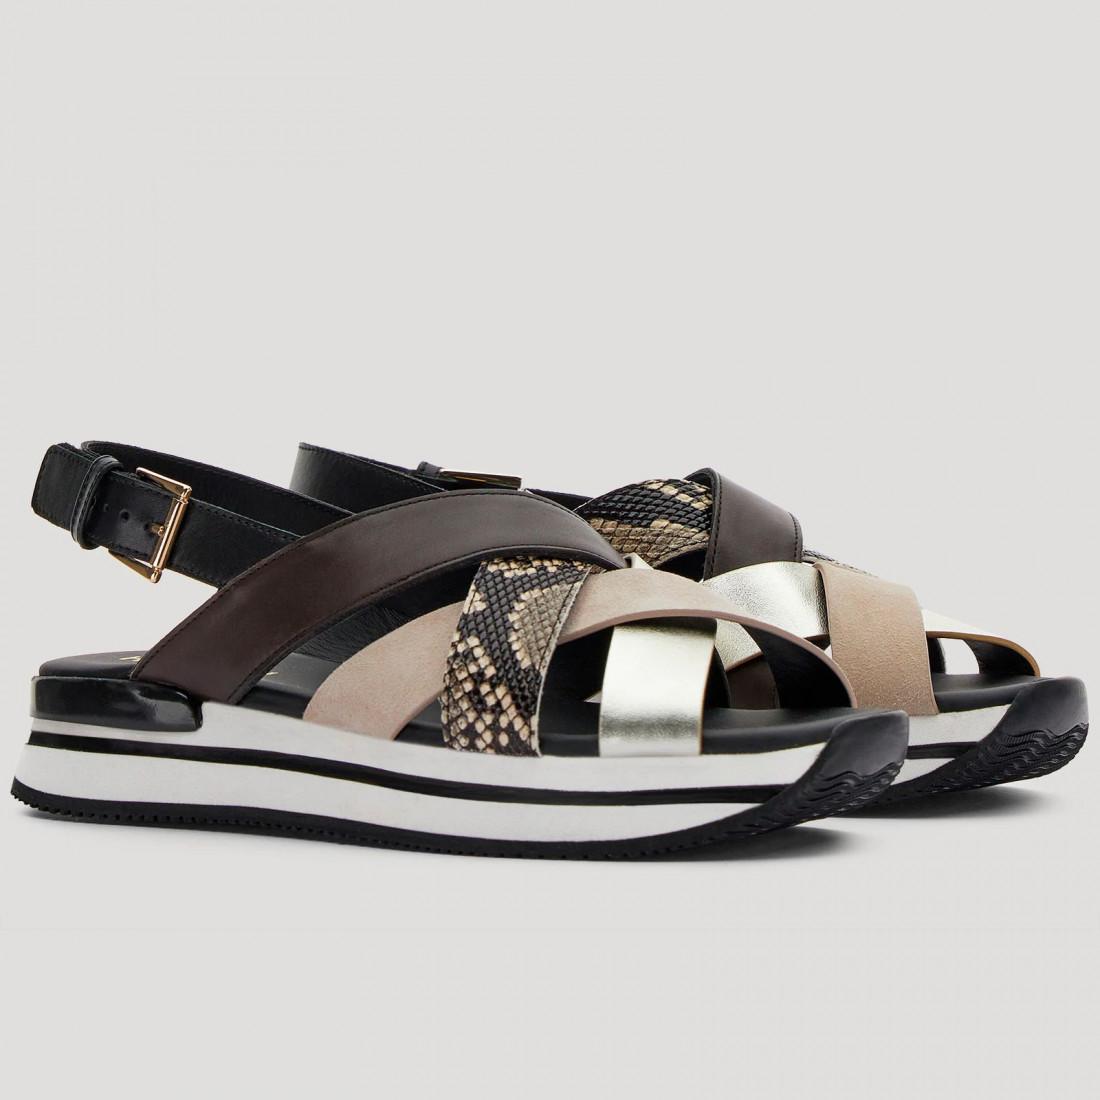 sandals woman hogan hxw2570dk80pdt0rsq 8190